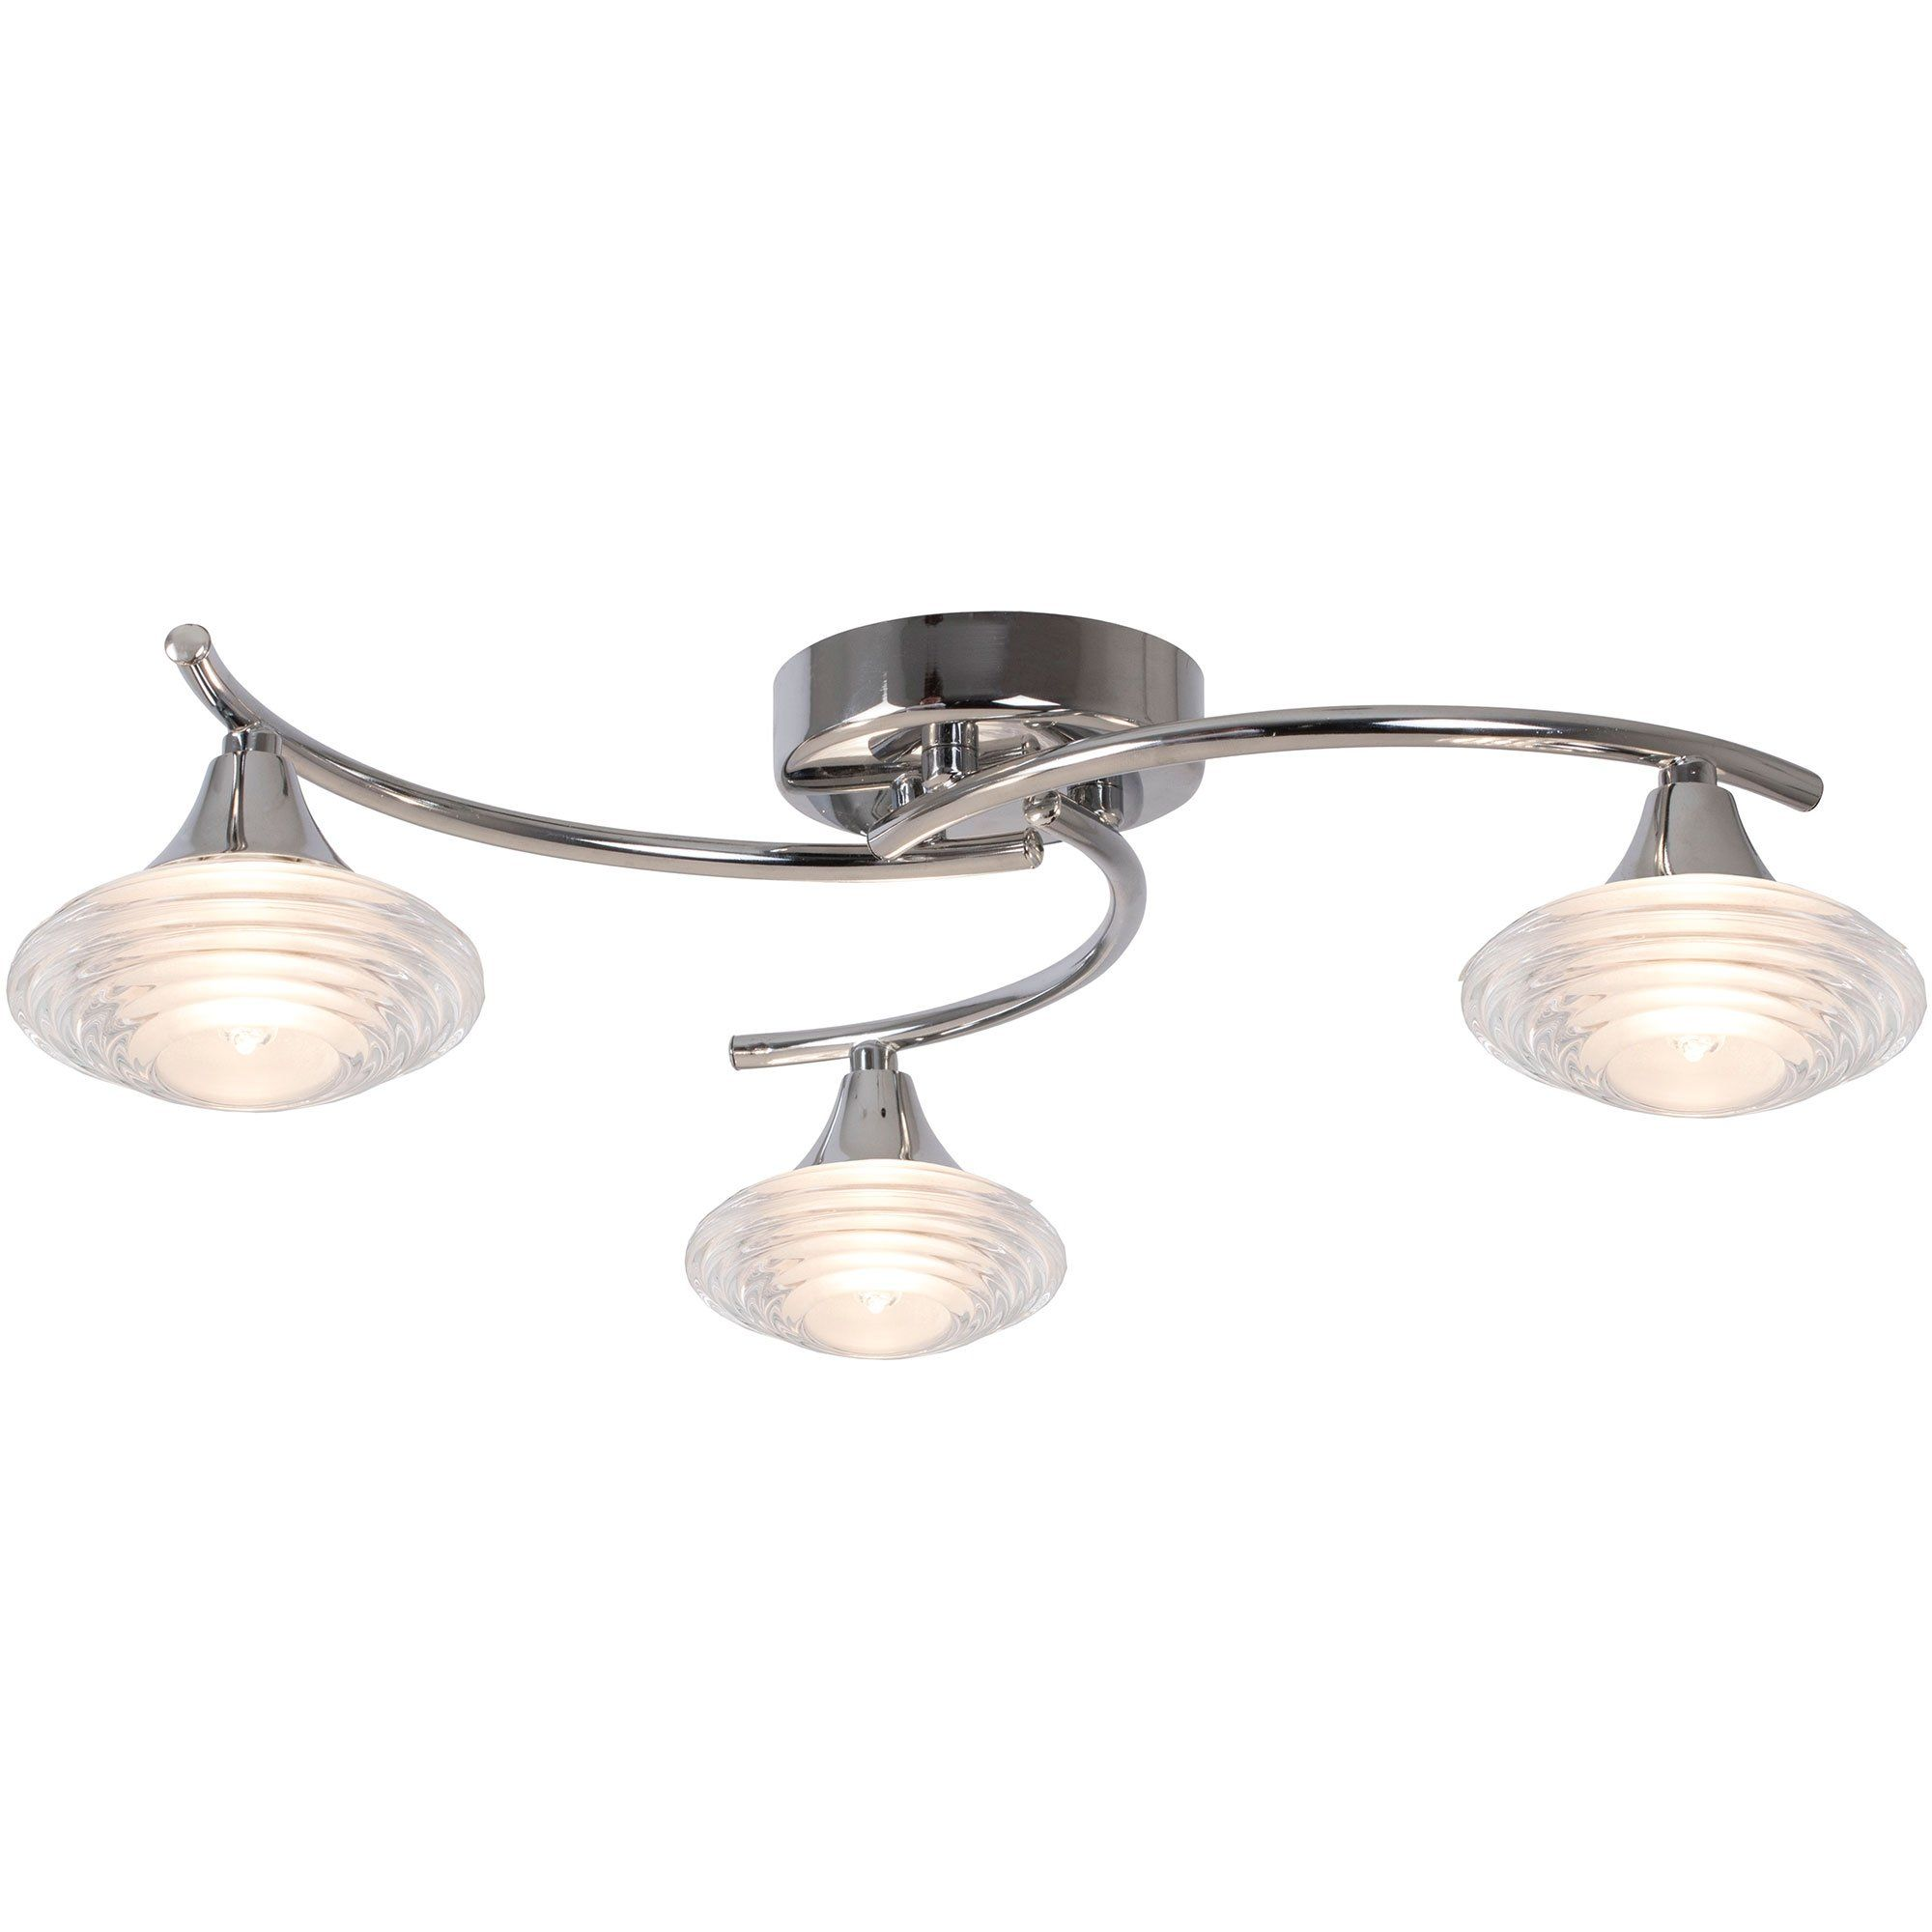 Conner 3 Light Semi Flush Ceiling Light